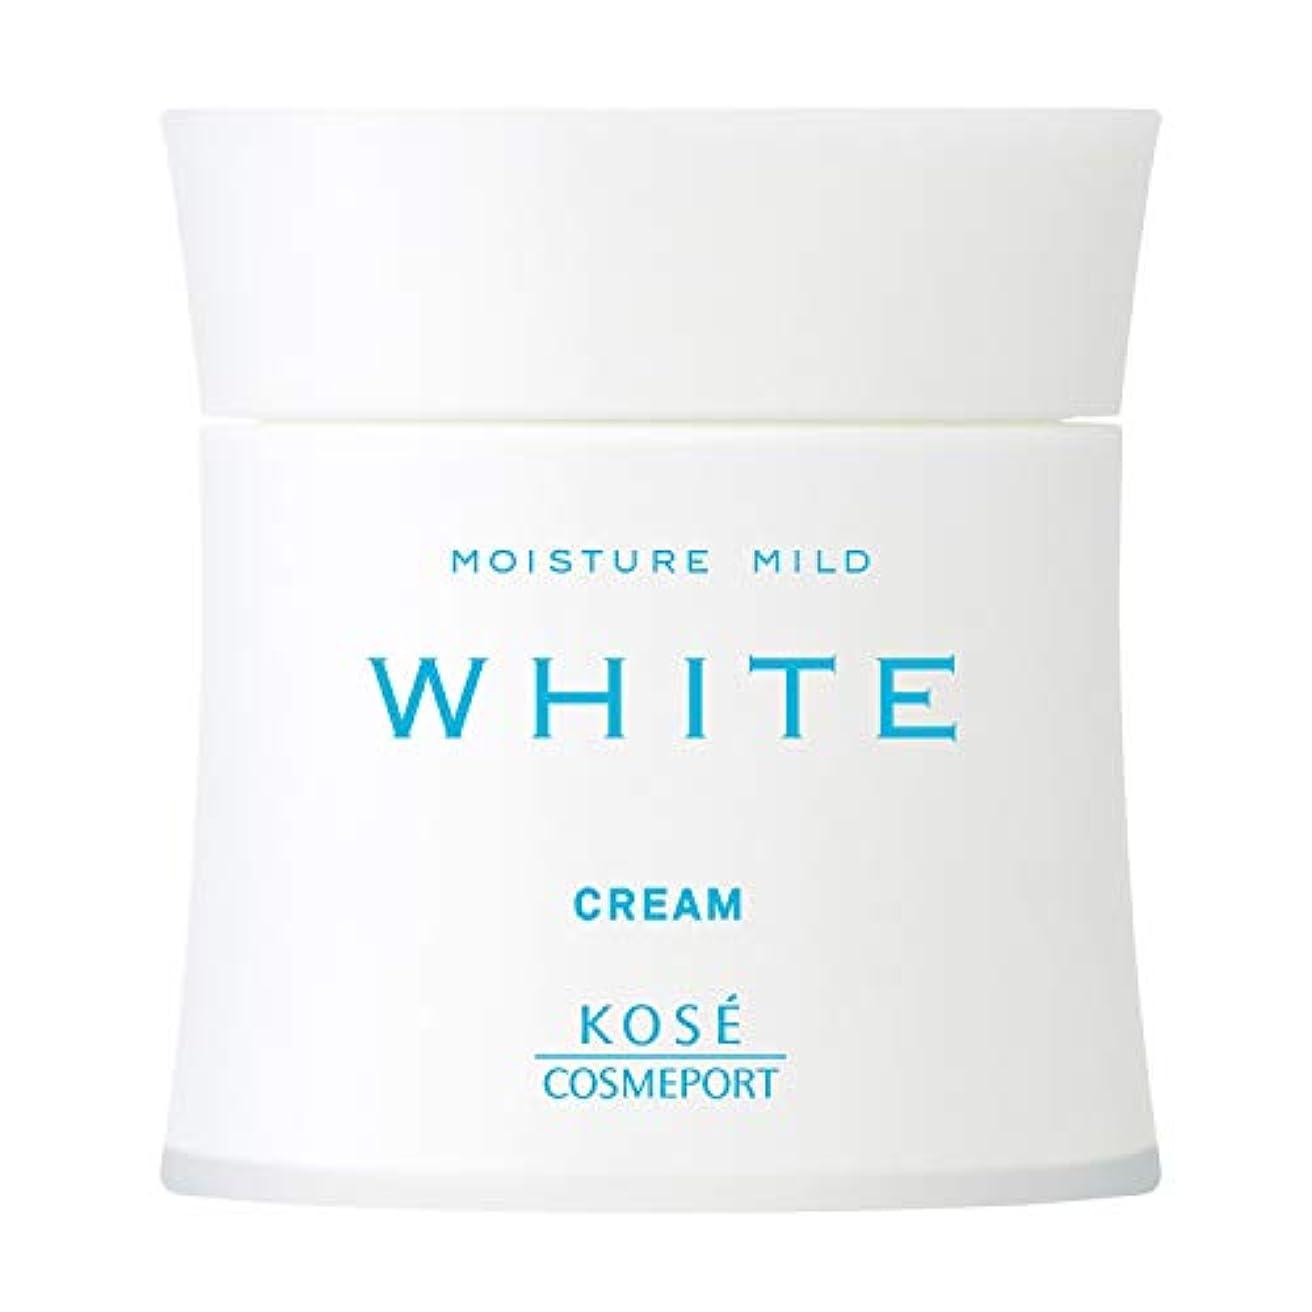 空気良さイライラするKOSE コーセー モイスチュアマイルド ホワイト クリーム 55g